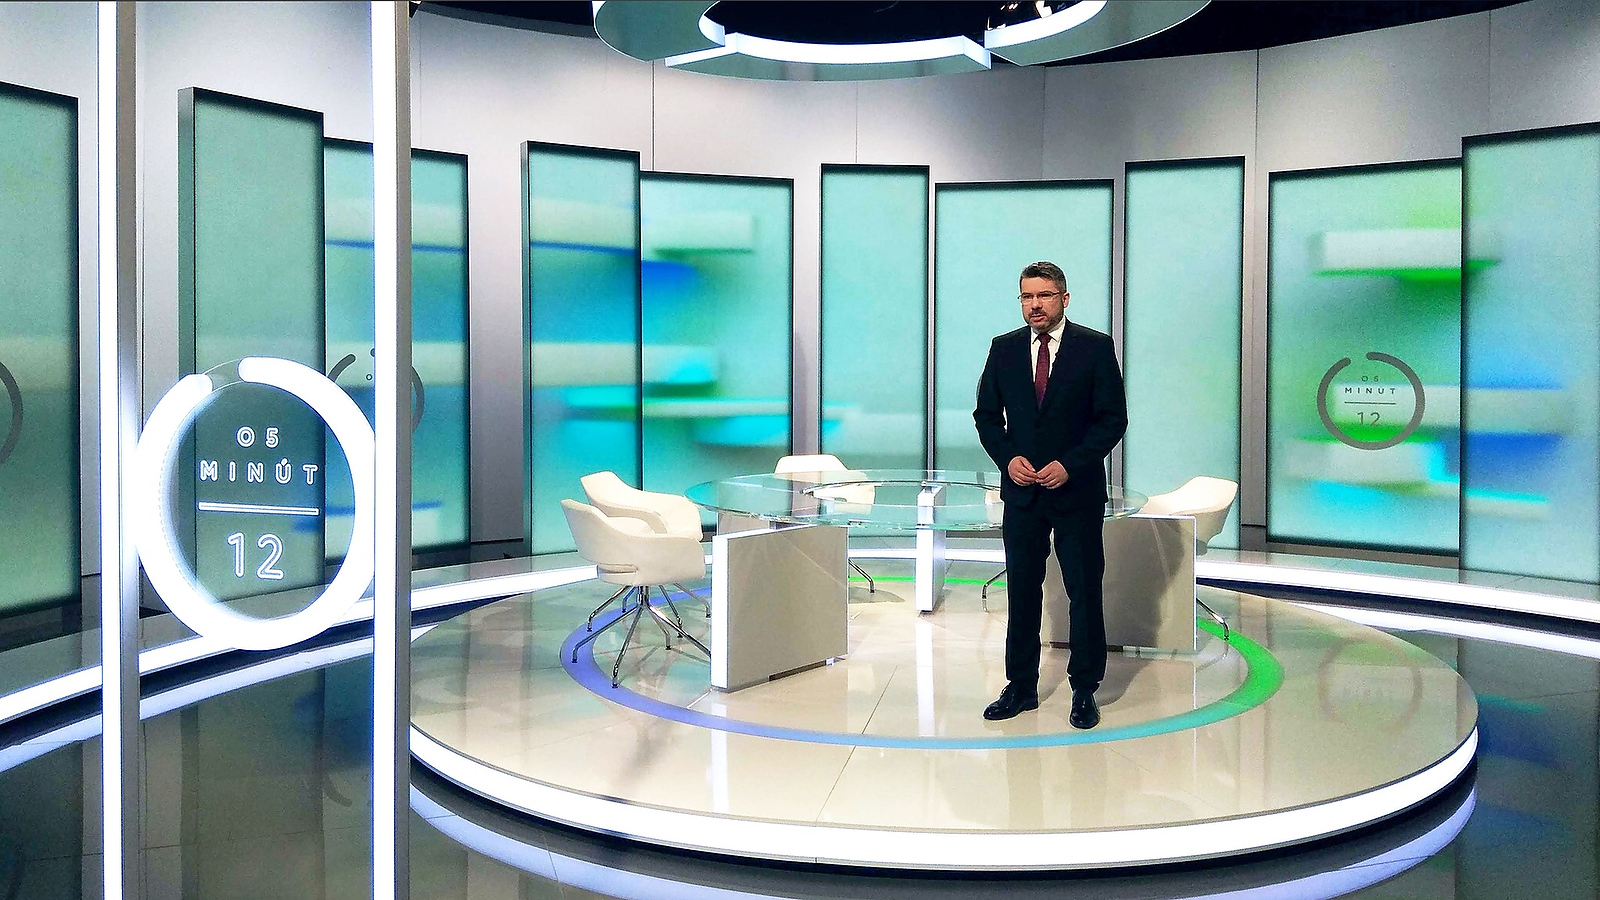 NCS_RTVS-Broadcast-studio_01